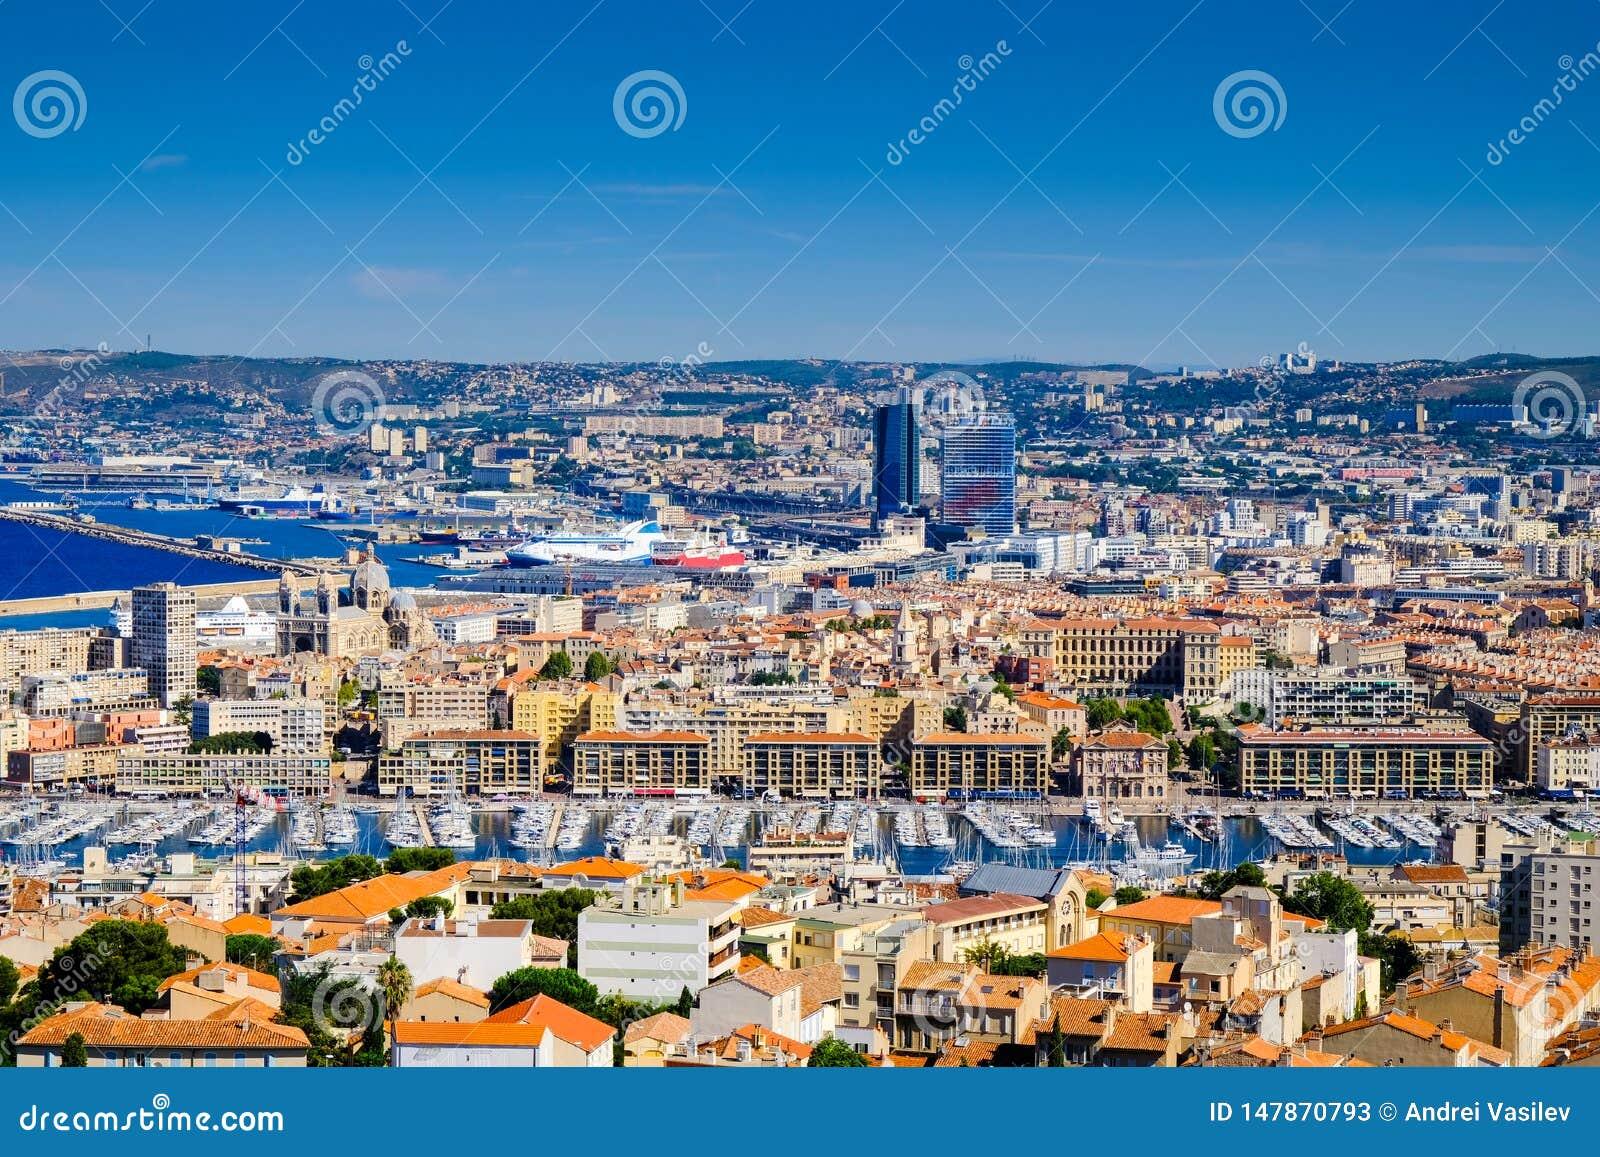 马赛、堤防、旧港口和镇屋顶全景  弗约波尔de马赛,法国